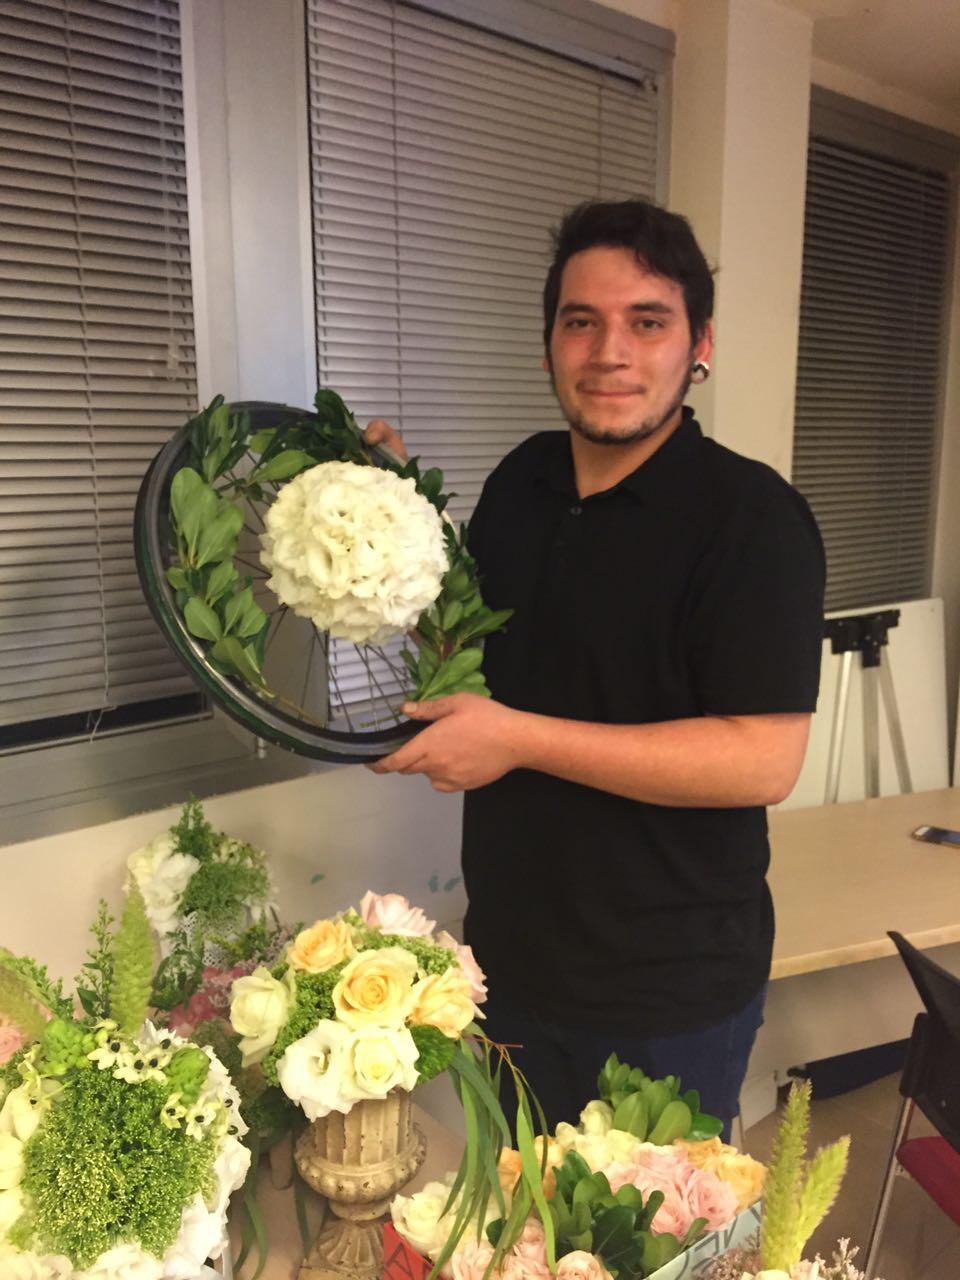 גלרייה - שזירת פרחים - קורס עיצוב ניהול והפקת אירועים מחזור 15, 1 מתוך 22